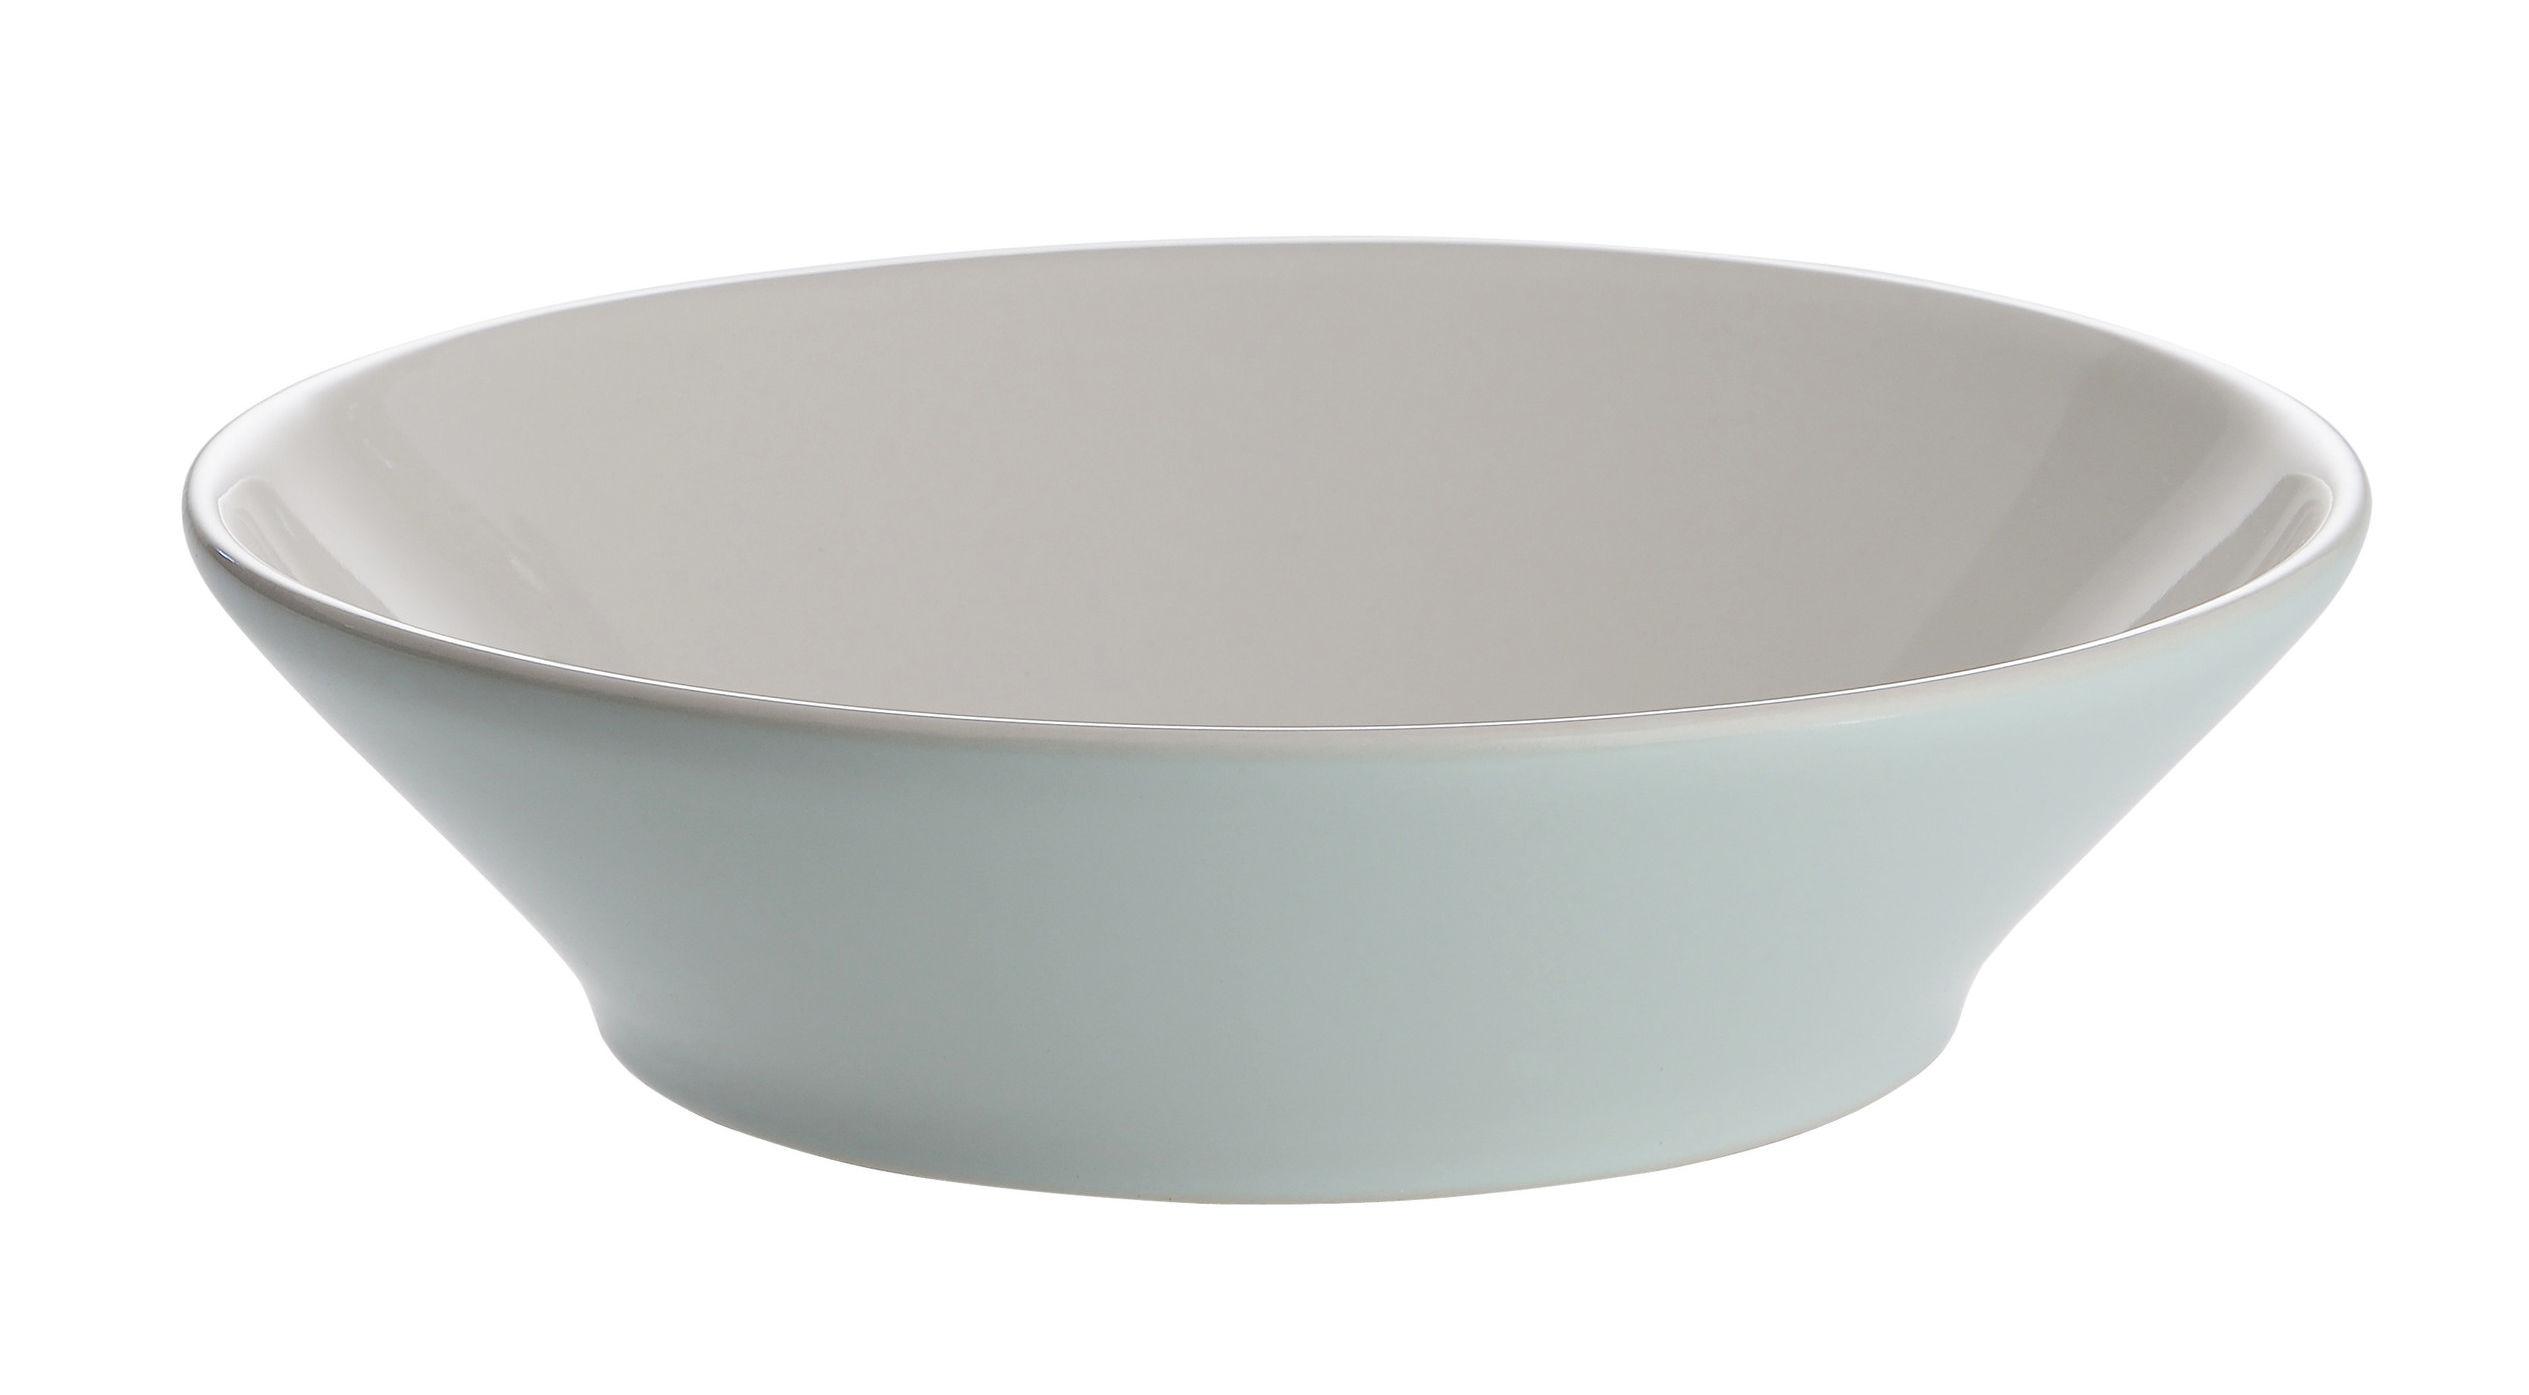 Arts de la table - Assiettes - Assiette à dessert Tonale / Ø 18,5 cm - Alessi - Vert pâle / Intérieur blanc - Céramique Stoneware